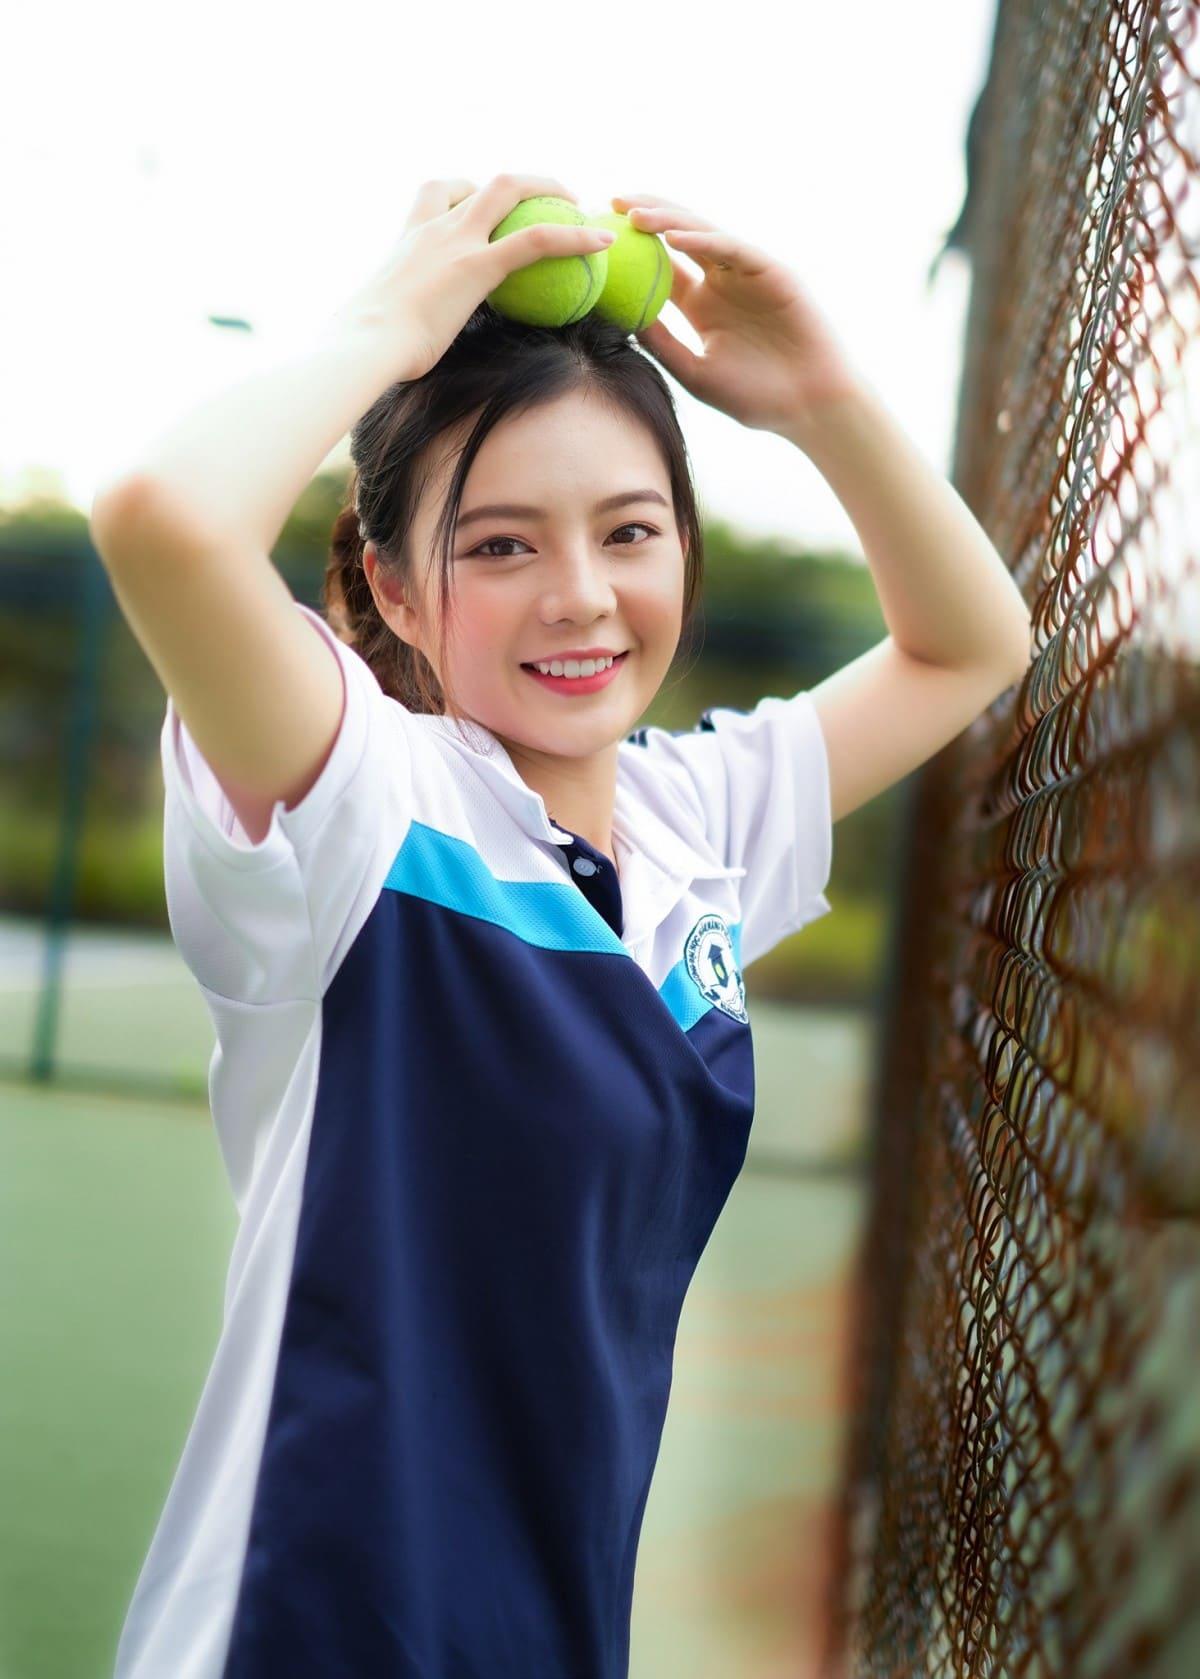 mẫu đồng phục thể thao học sinh đẹp cho nữ